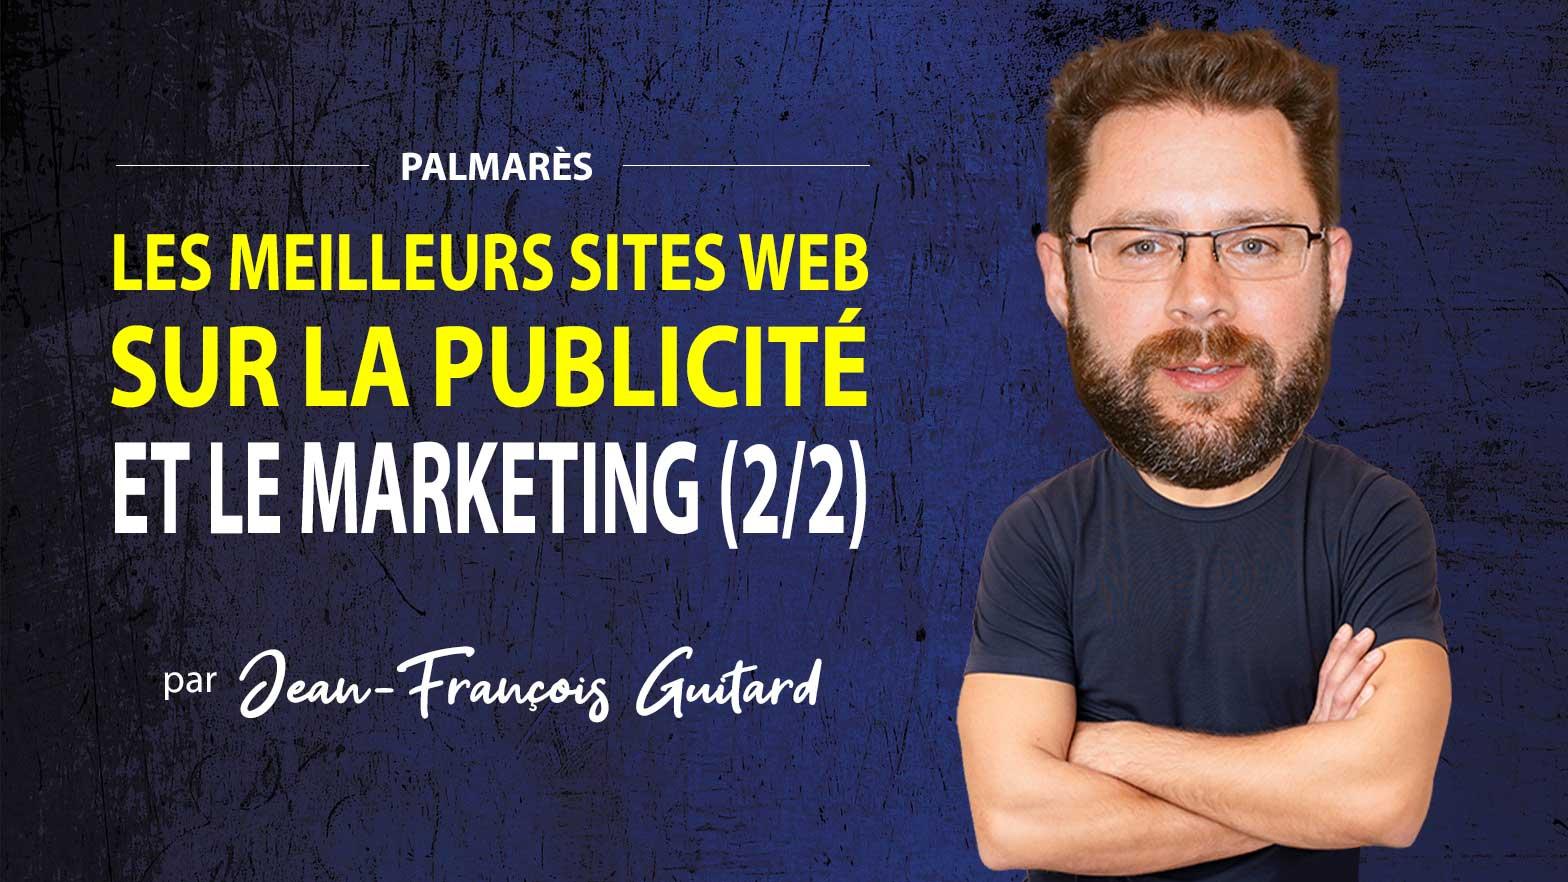 Meilleurs sites web marketing 2